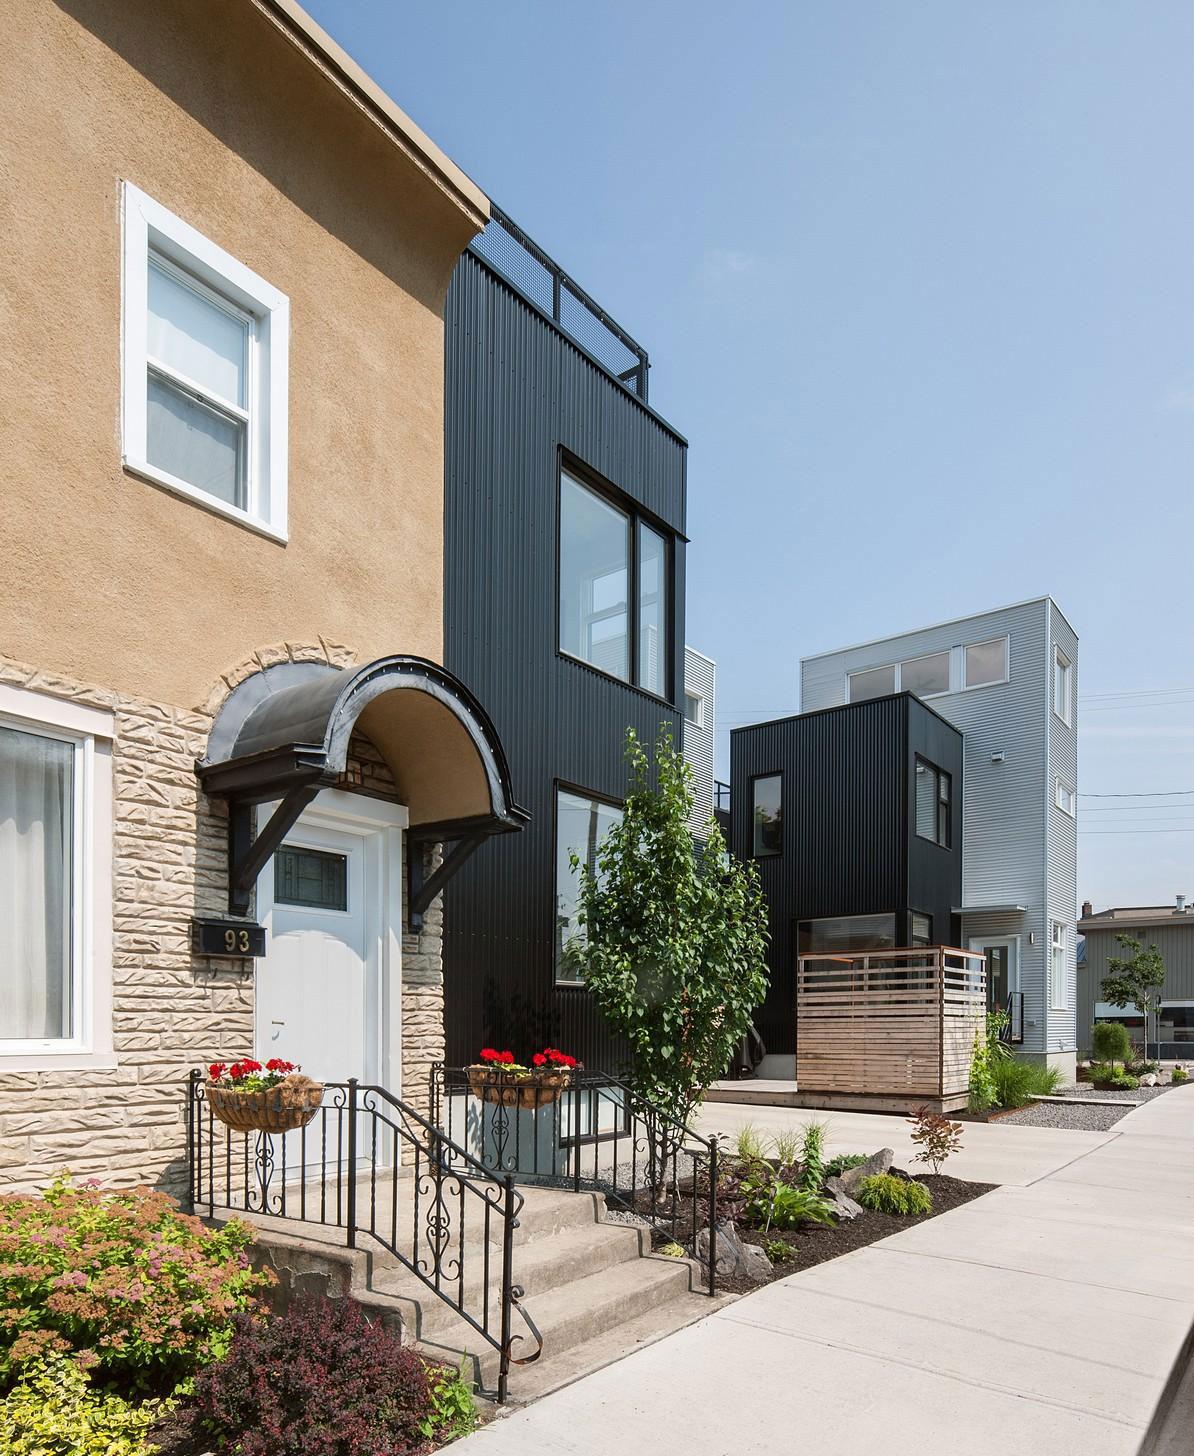 The Hintonburg Six Multi-unit Development by Colizza Bruni Architecture-07